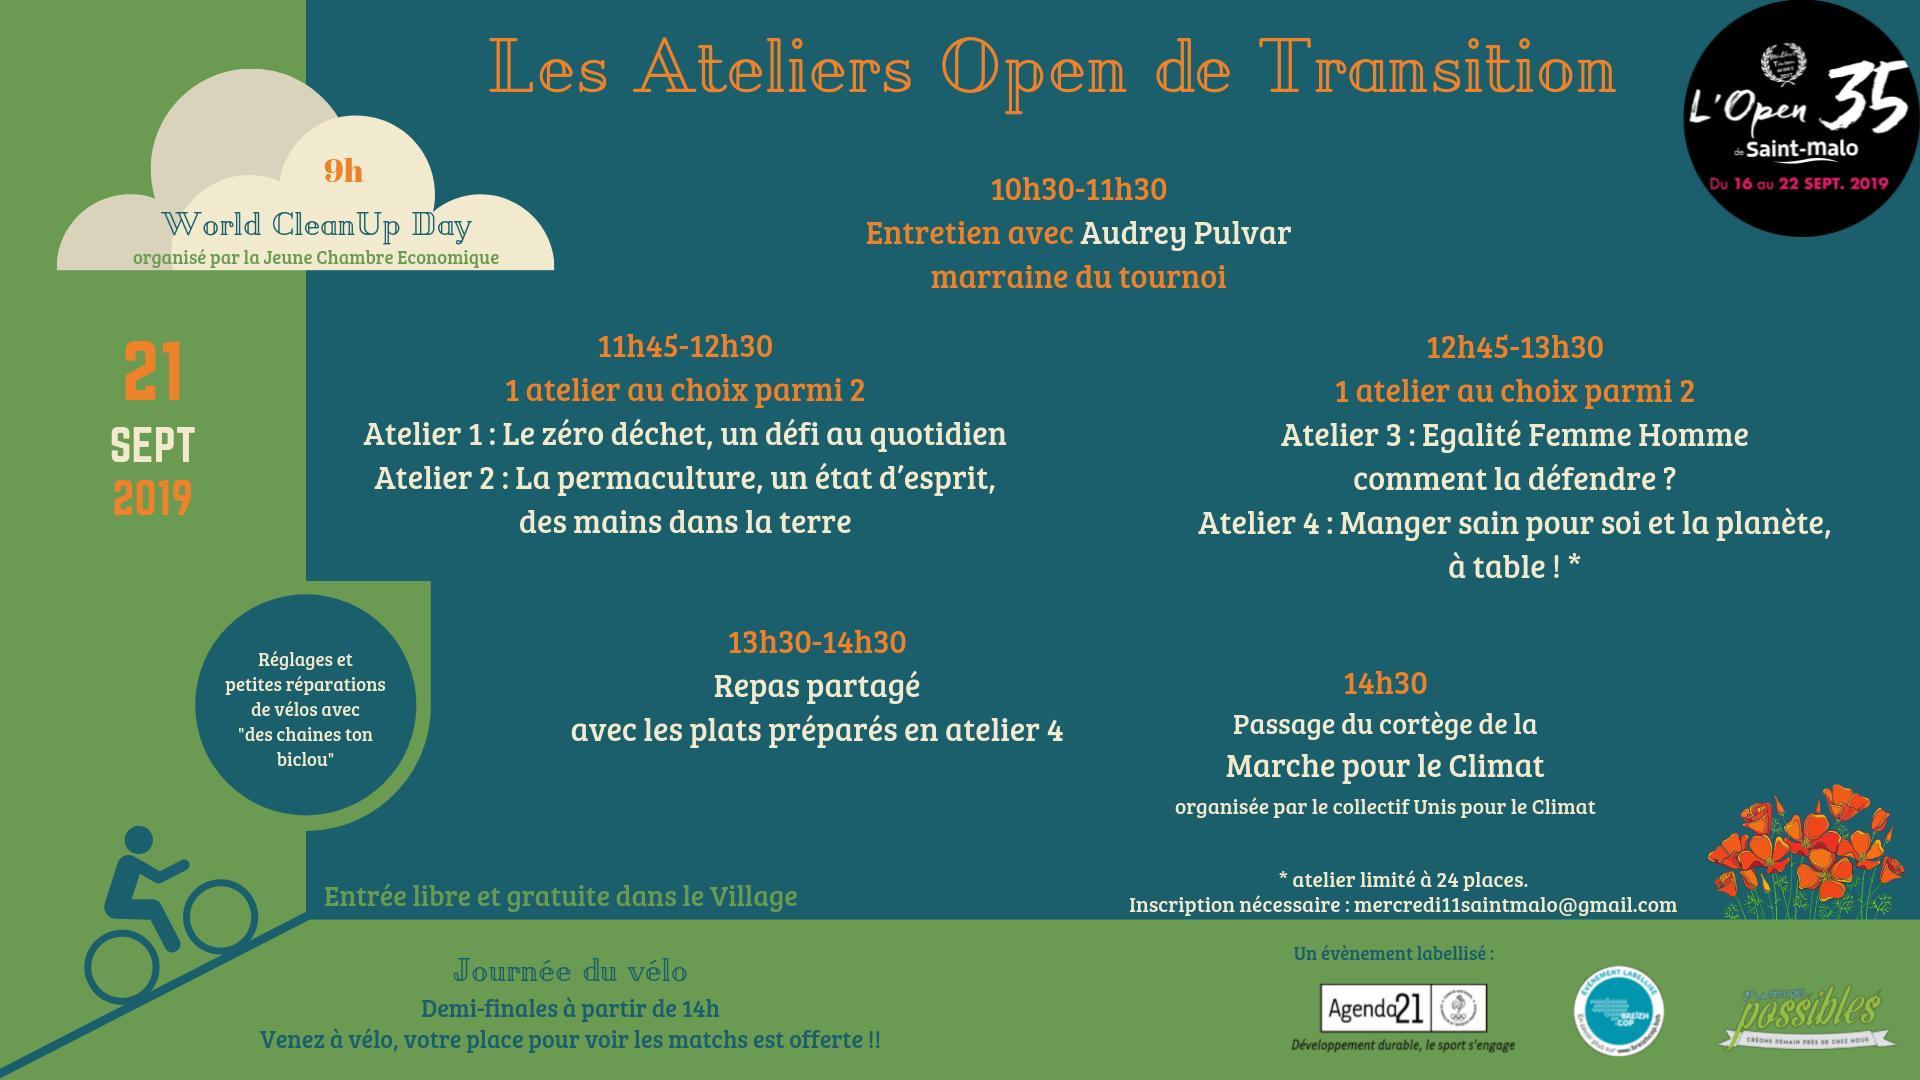 Les Ateliers Open de Transition